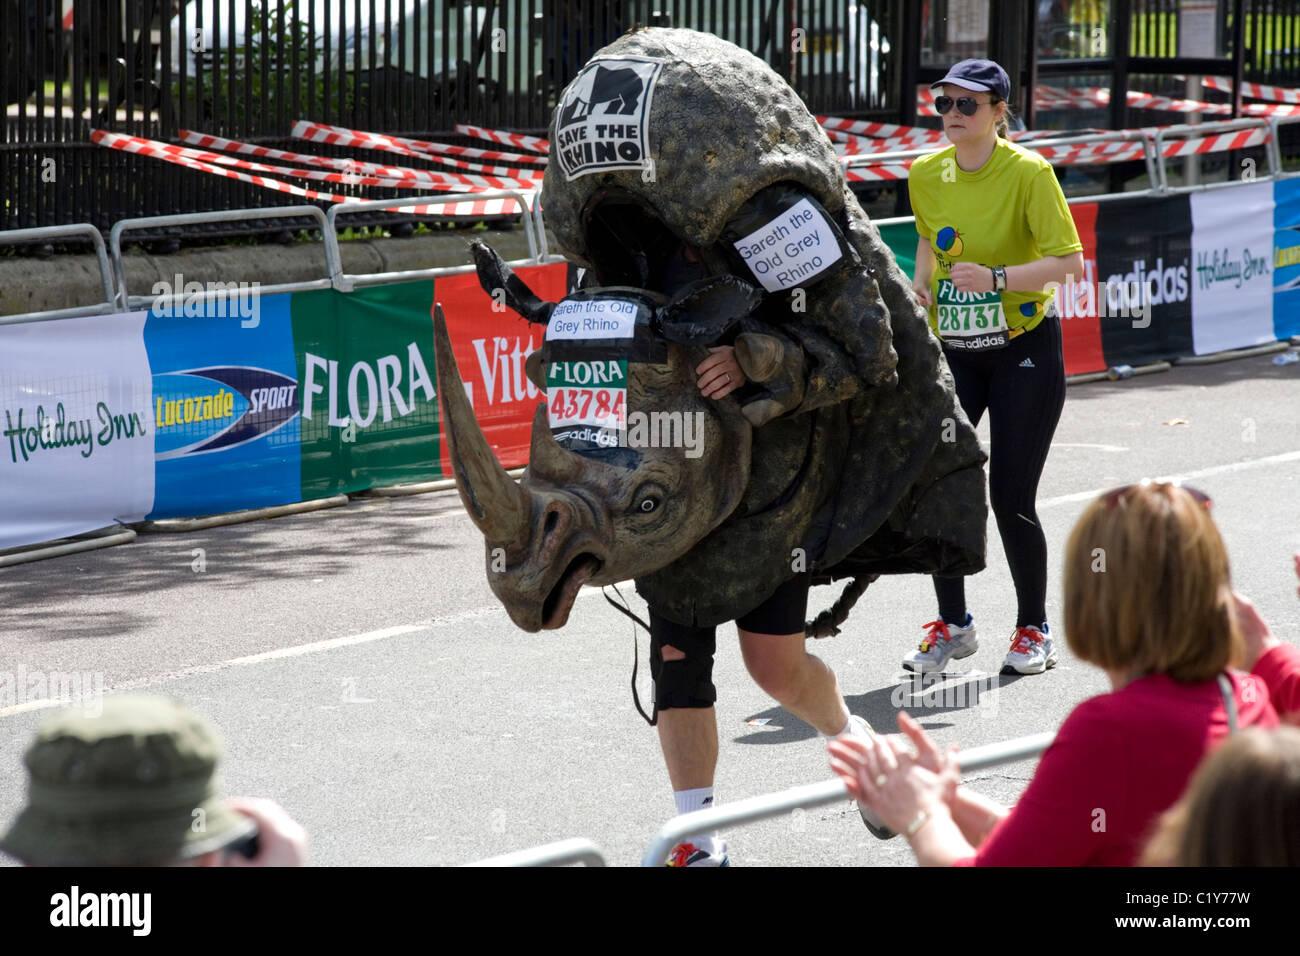 Mann in Rhino Kostüm laufen in den London-marathon Stockbild